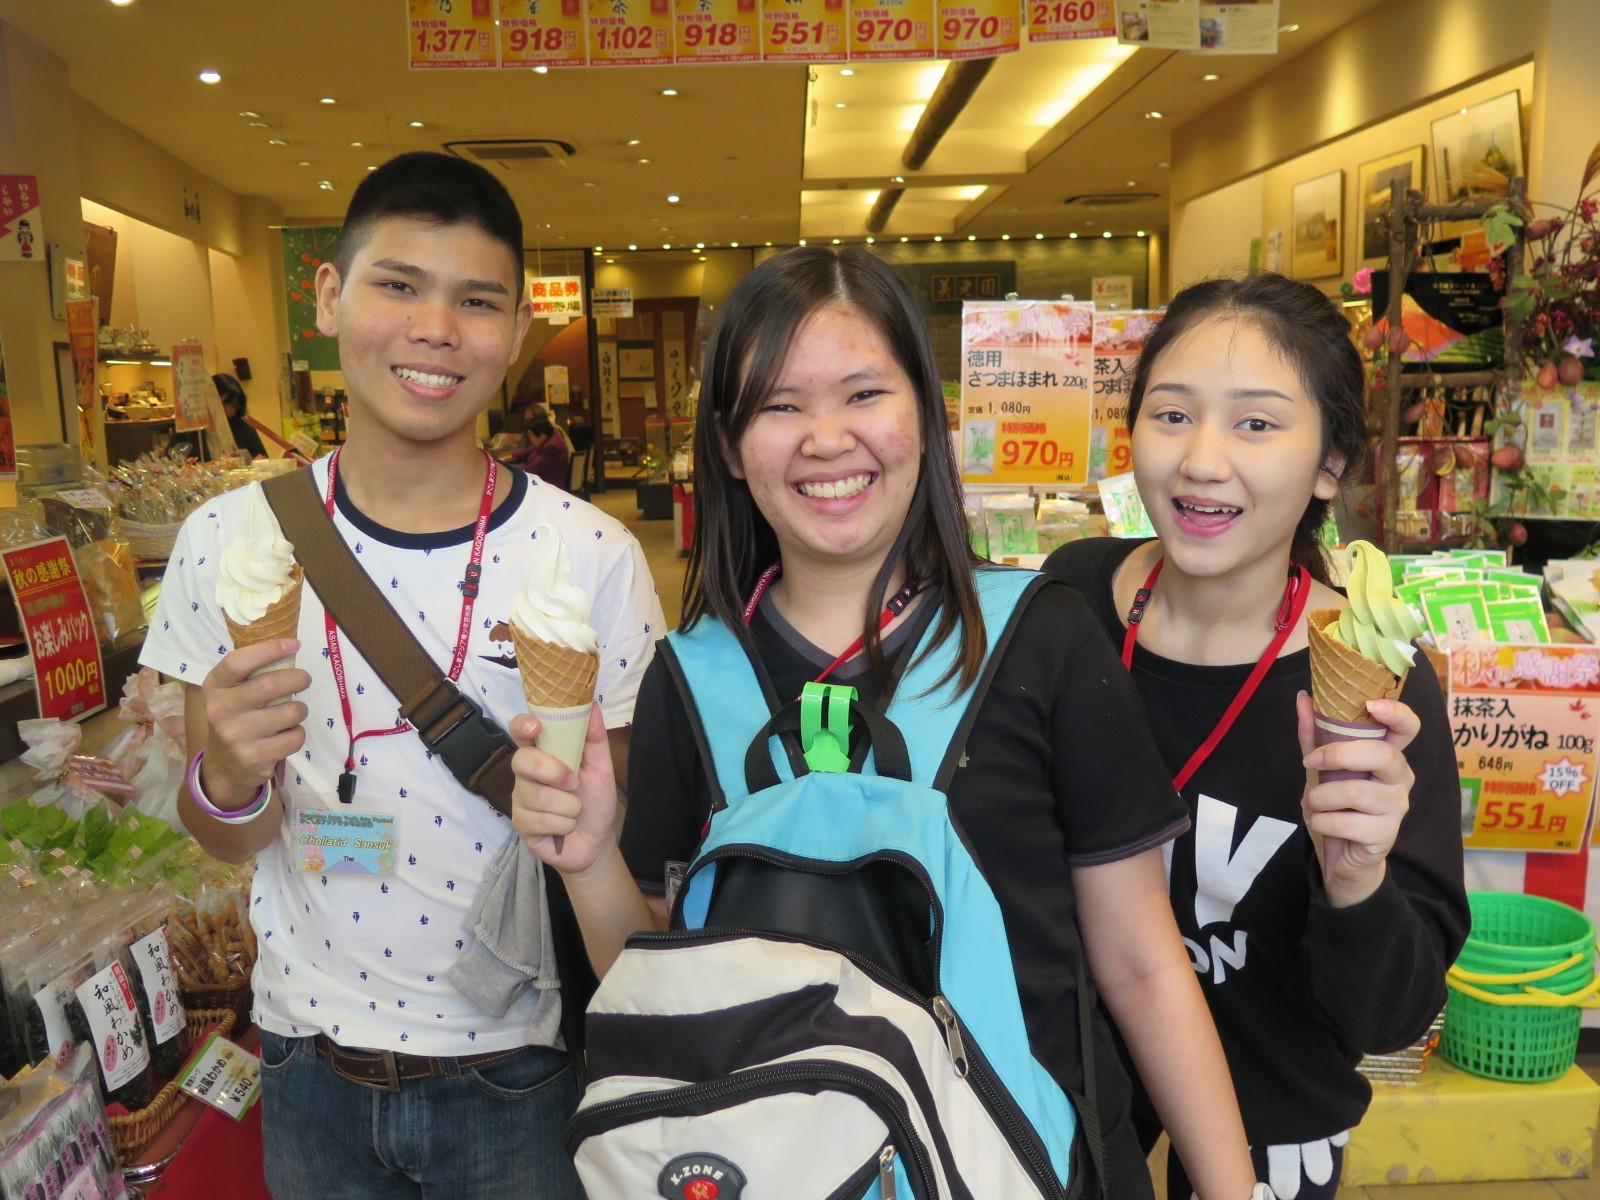 ソフトクリームが食べたいと少女達